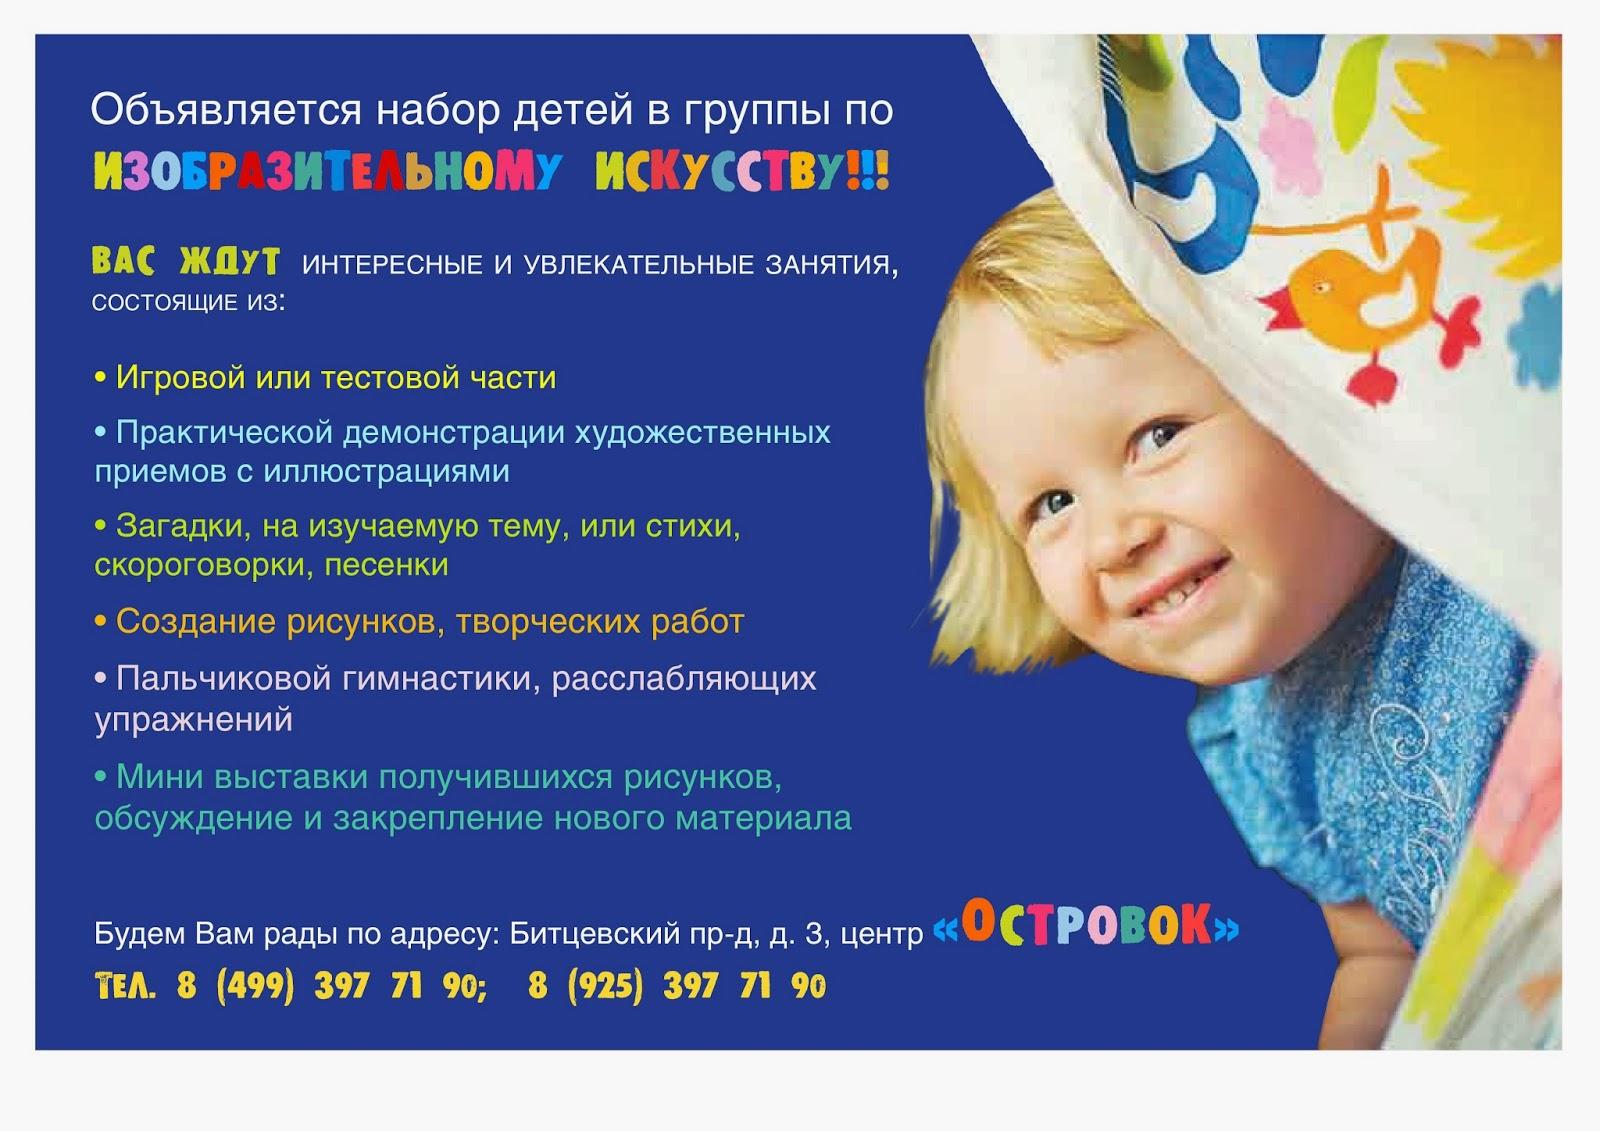 Видное, островок в видном, детский центр, островок, дети, изо, рисование, живопись, креативность, Жаркова Ольга